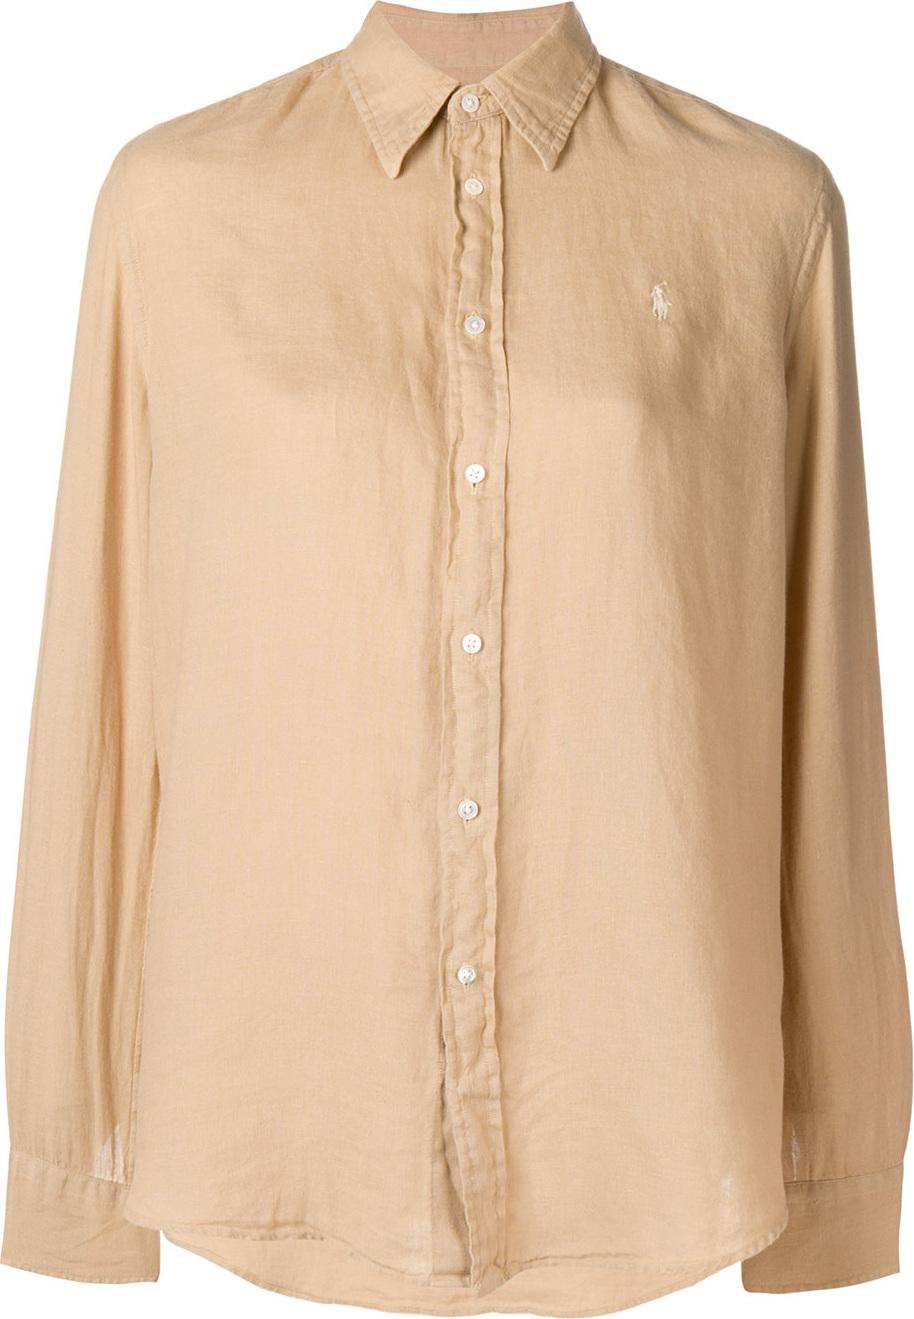 Polo Ralph Lauren - Longsleeved shirt